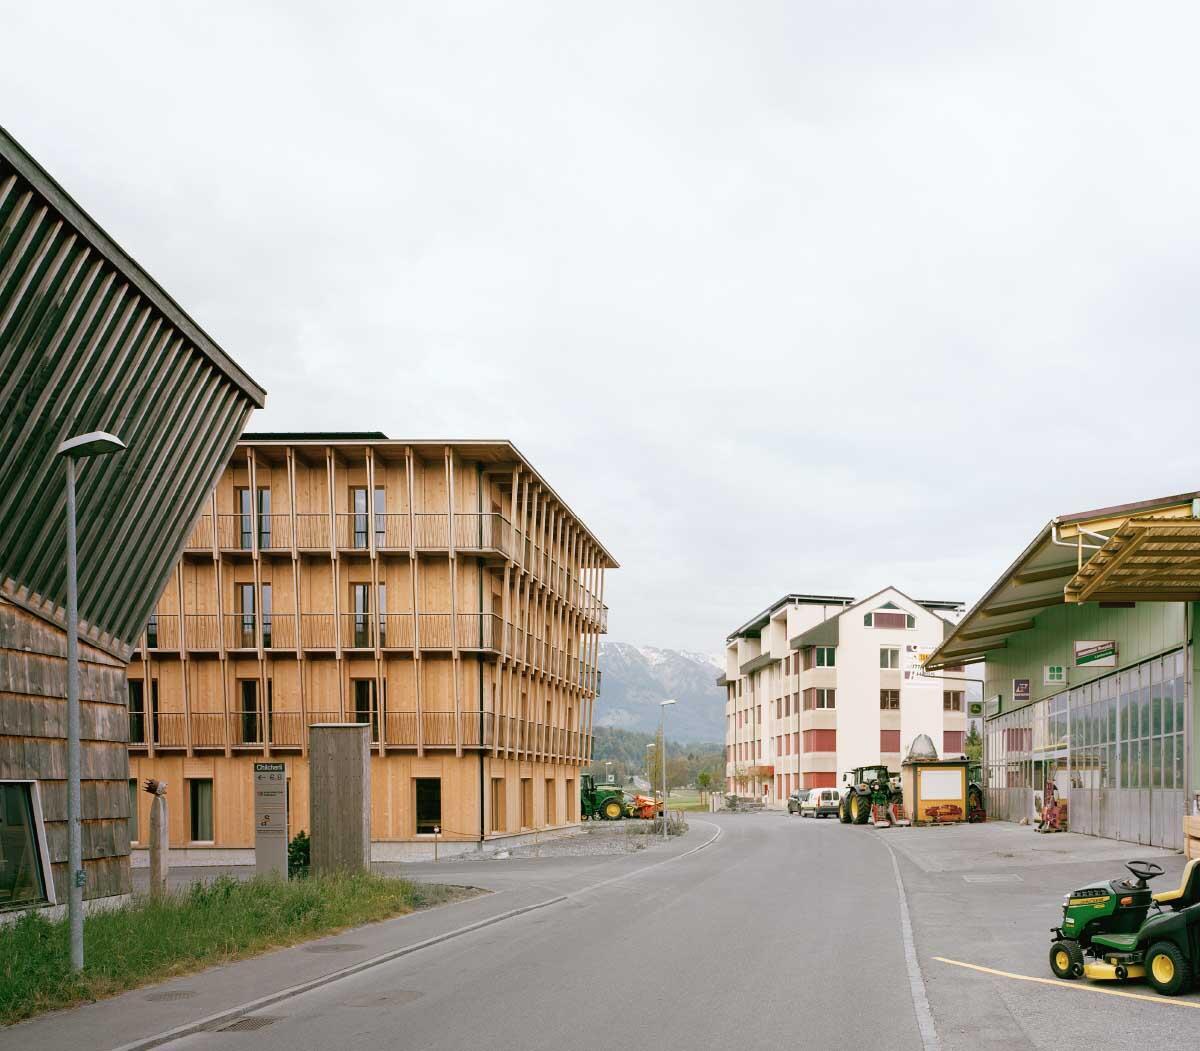 Bürohaus Küng in Alpnach Bild: Rasmus Norlander